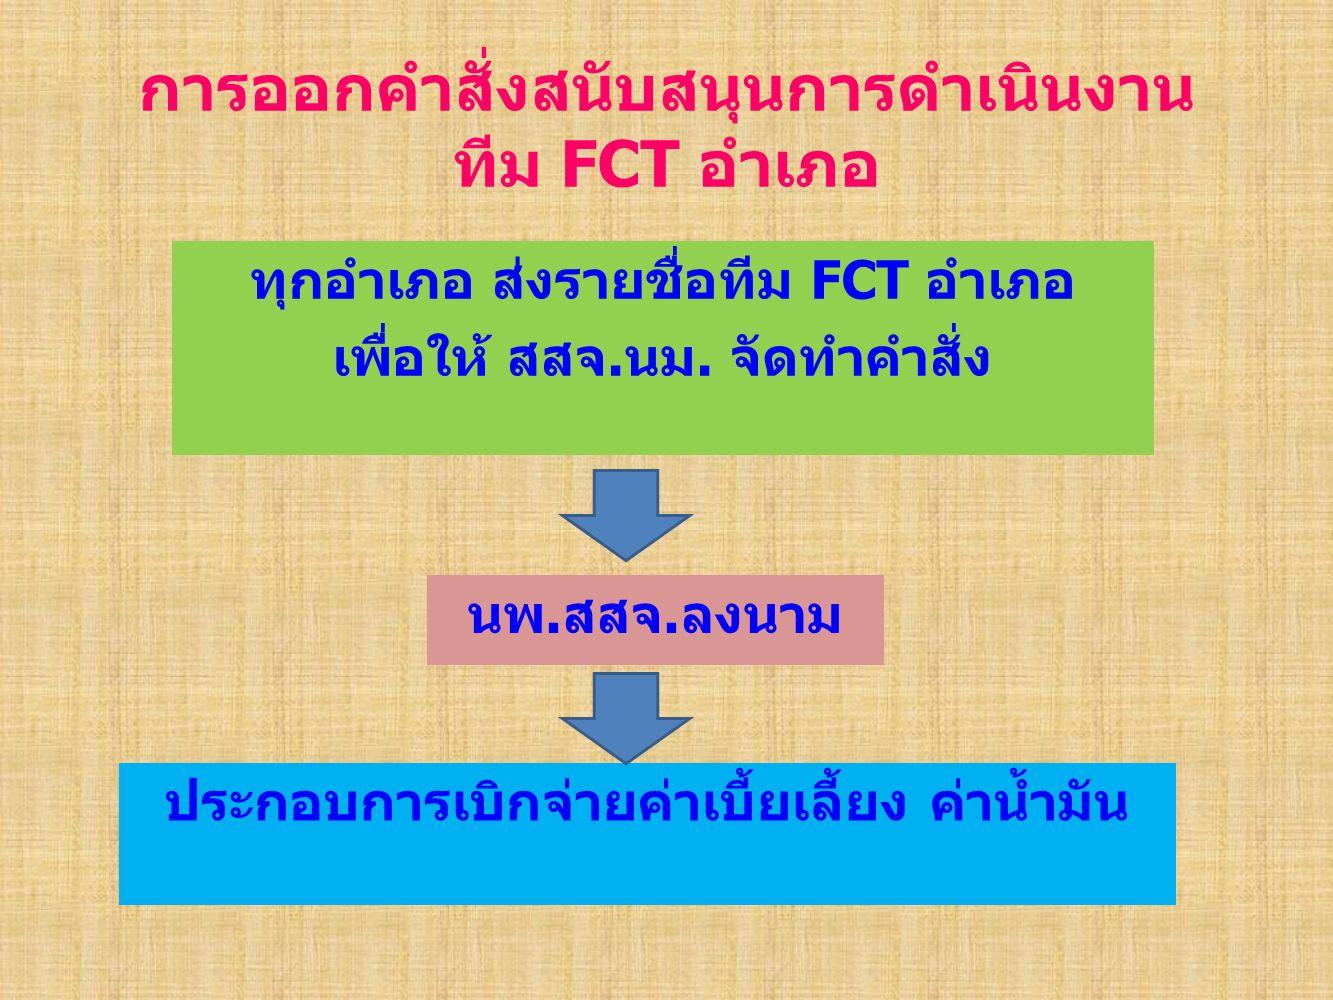 การออกคำสั่งสนับสนุนการดำเนินงาน ทีม FCT อำเภอ ทุกอำเภอ ส่งรายชื่อทีม FCT อำเภอ เพื่อให้ สสจ.นม.